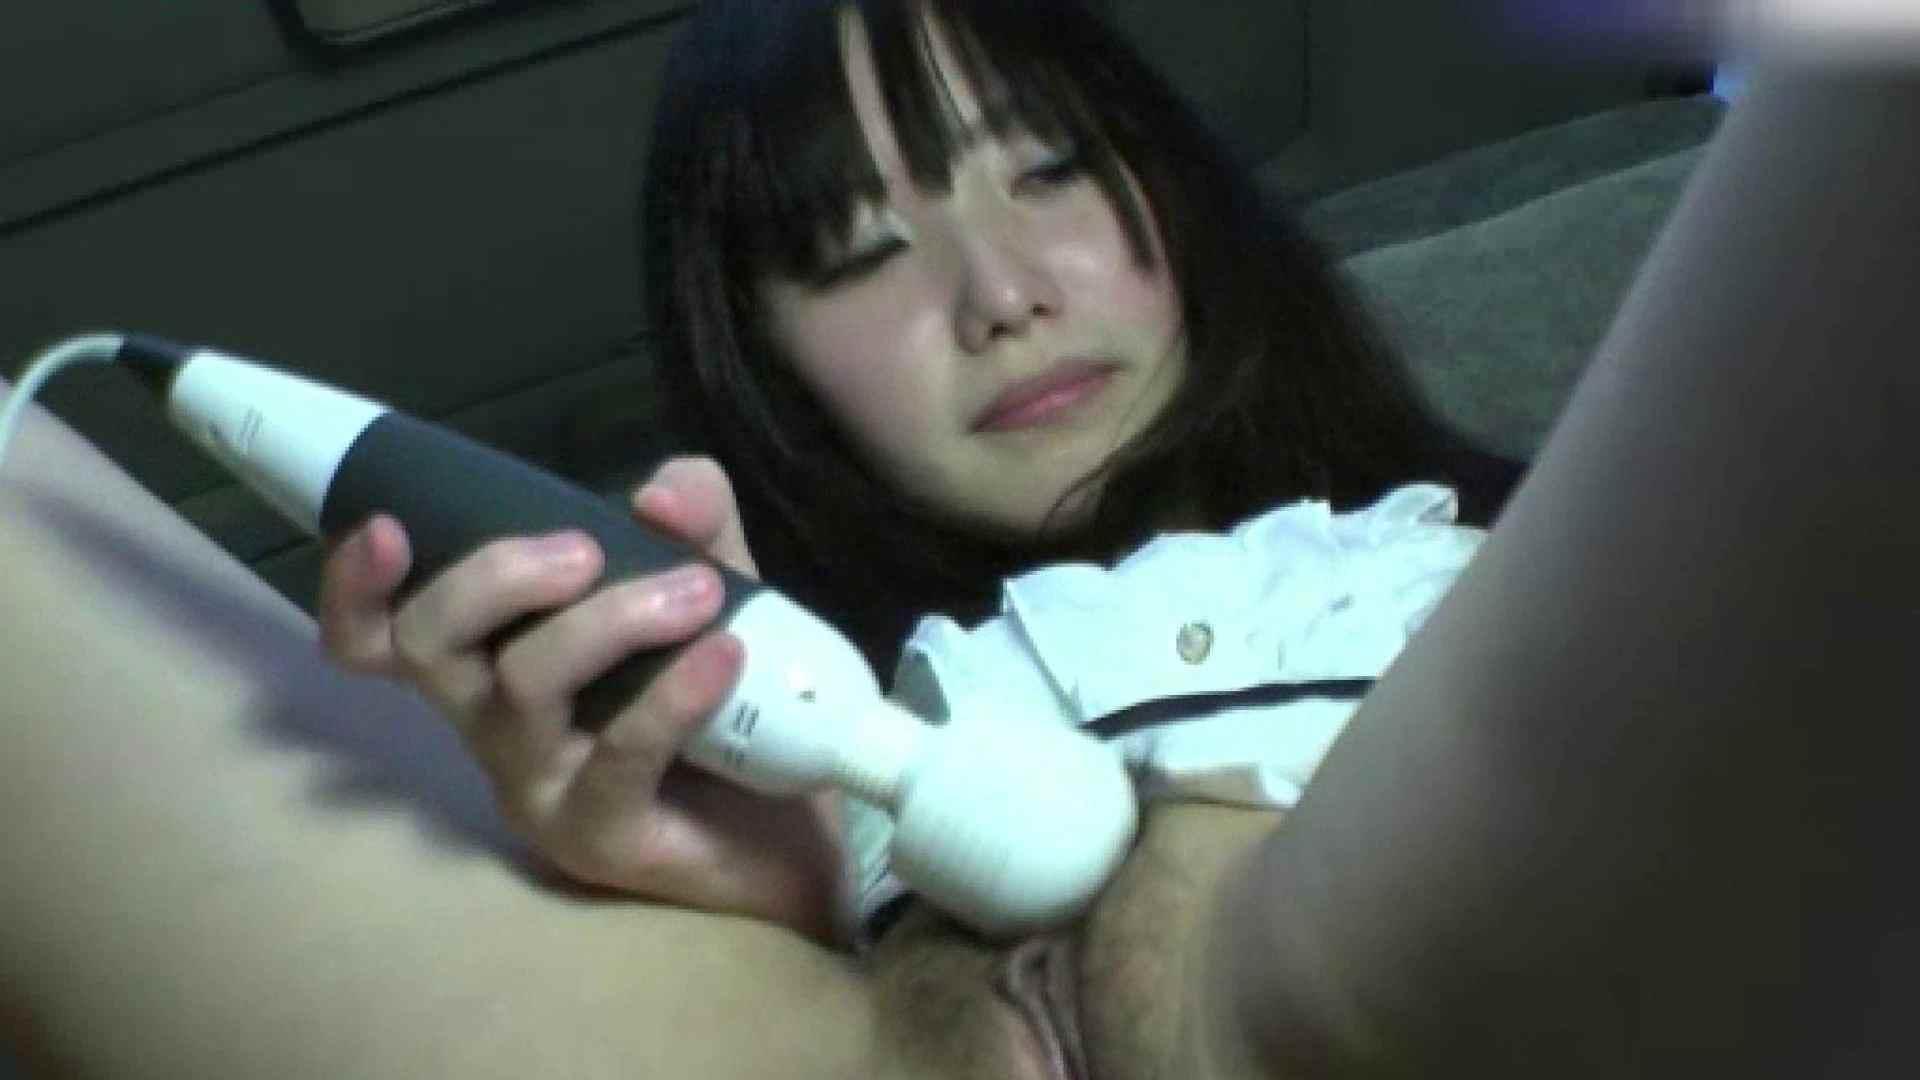 アヘ顔のわたしってどうかしら Vol.044 車 オマンコ無修正動画無料 61pic 14